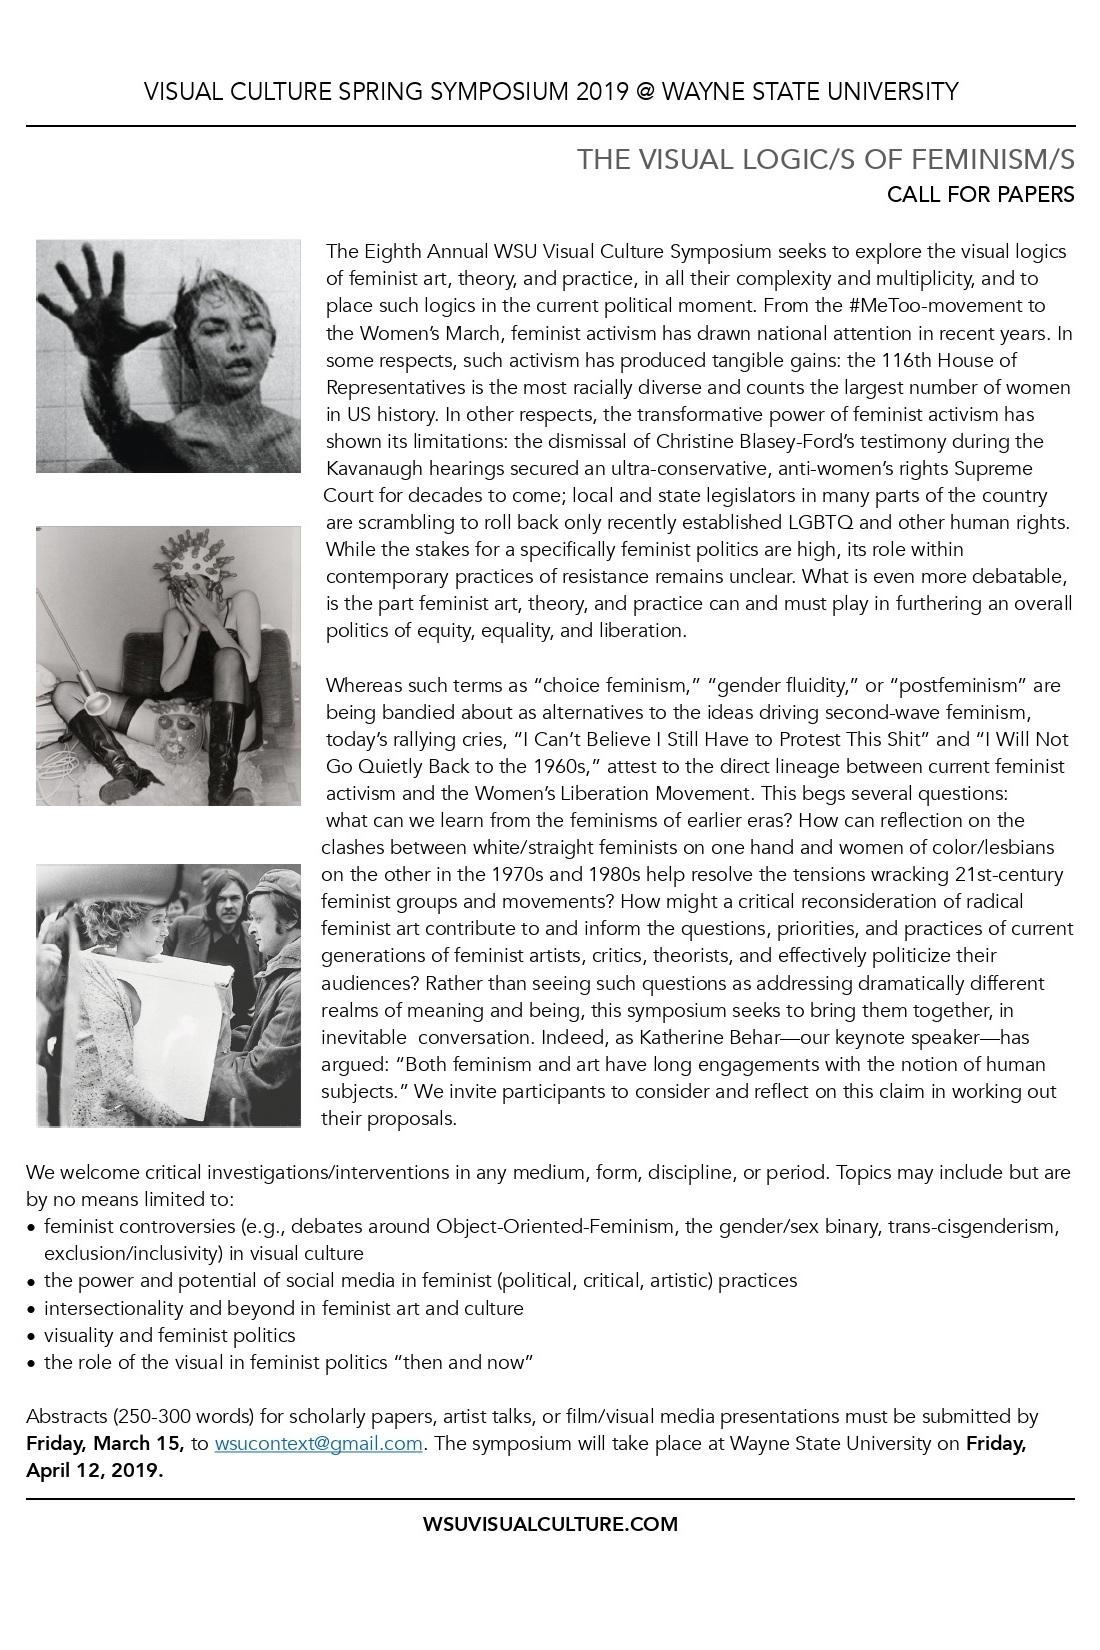 The Visual Logic/s of Feminism/s - Eight Annual Visual Culture Graduate Symposium4.12.2019